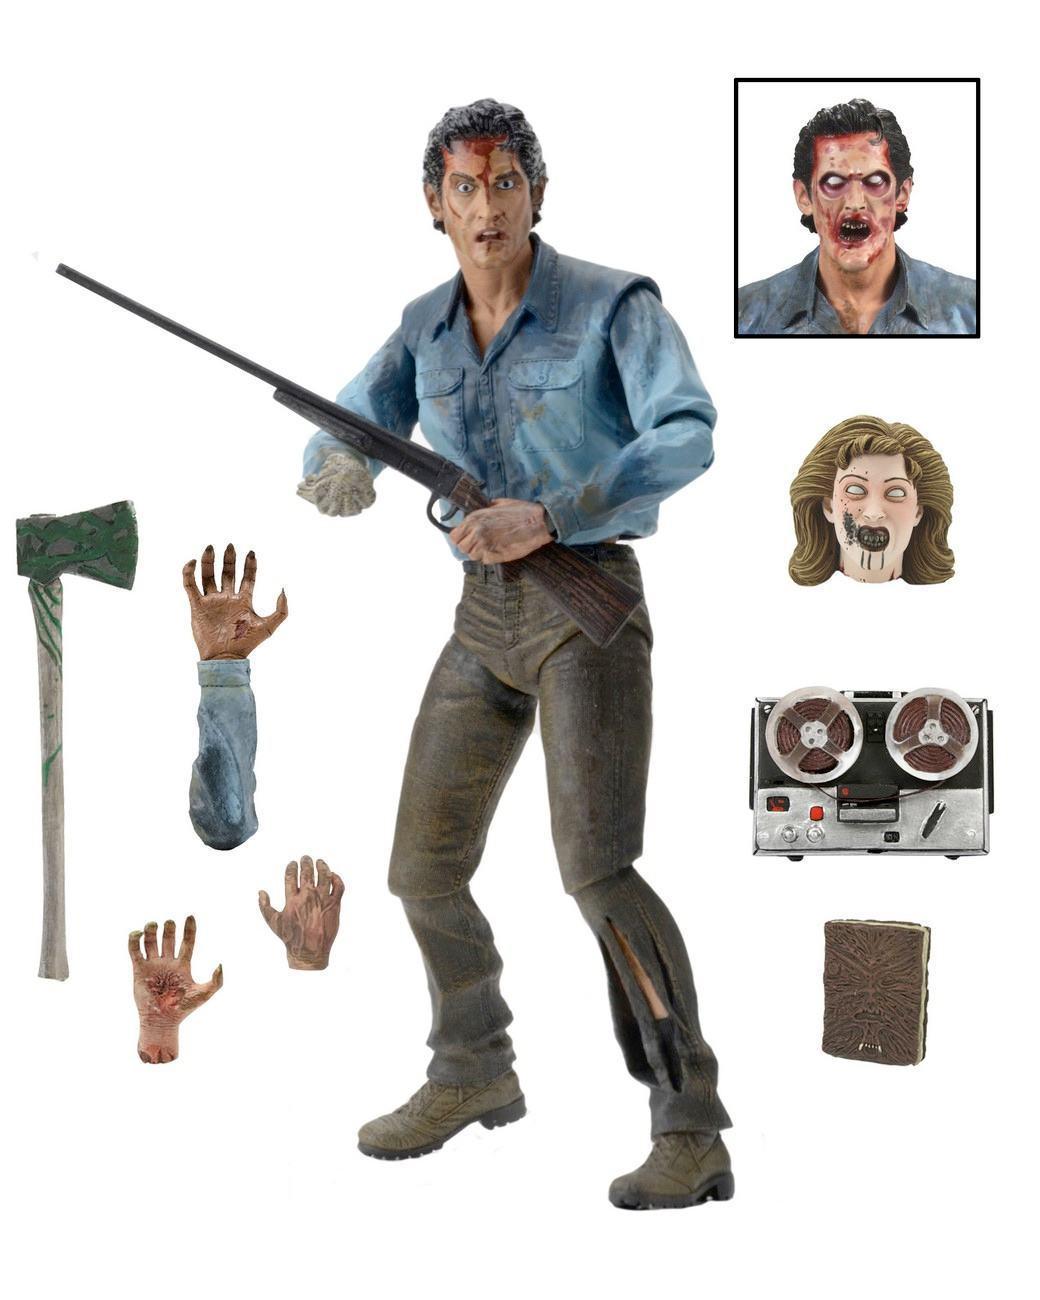 Evil-Dead-2-Ultimate-Ash-Action-Figure-08